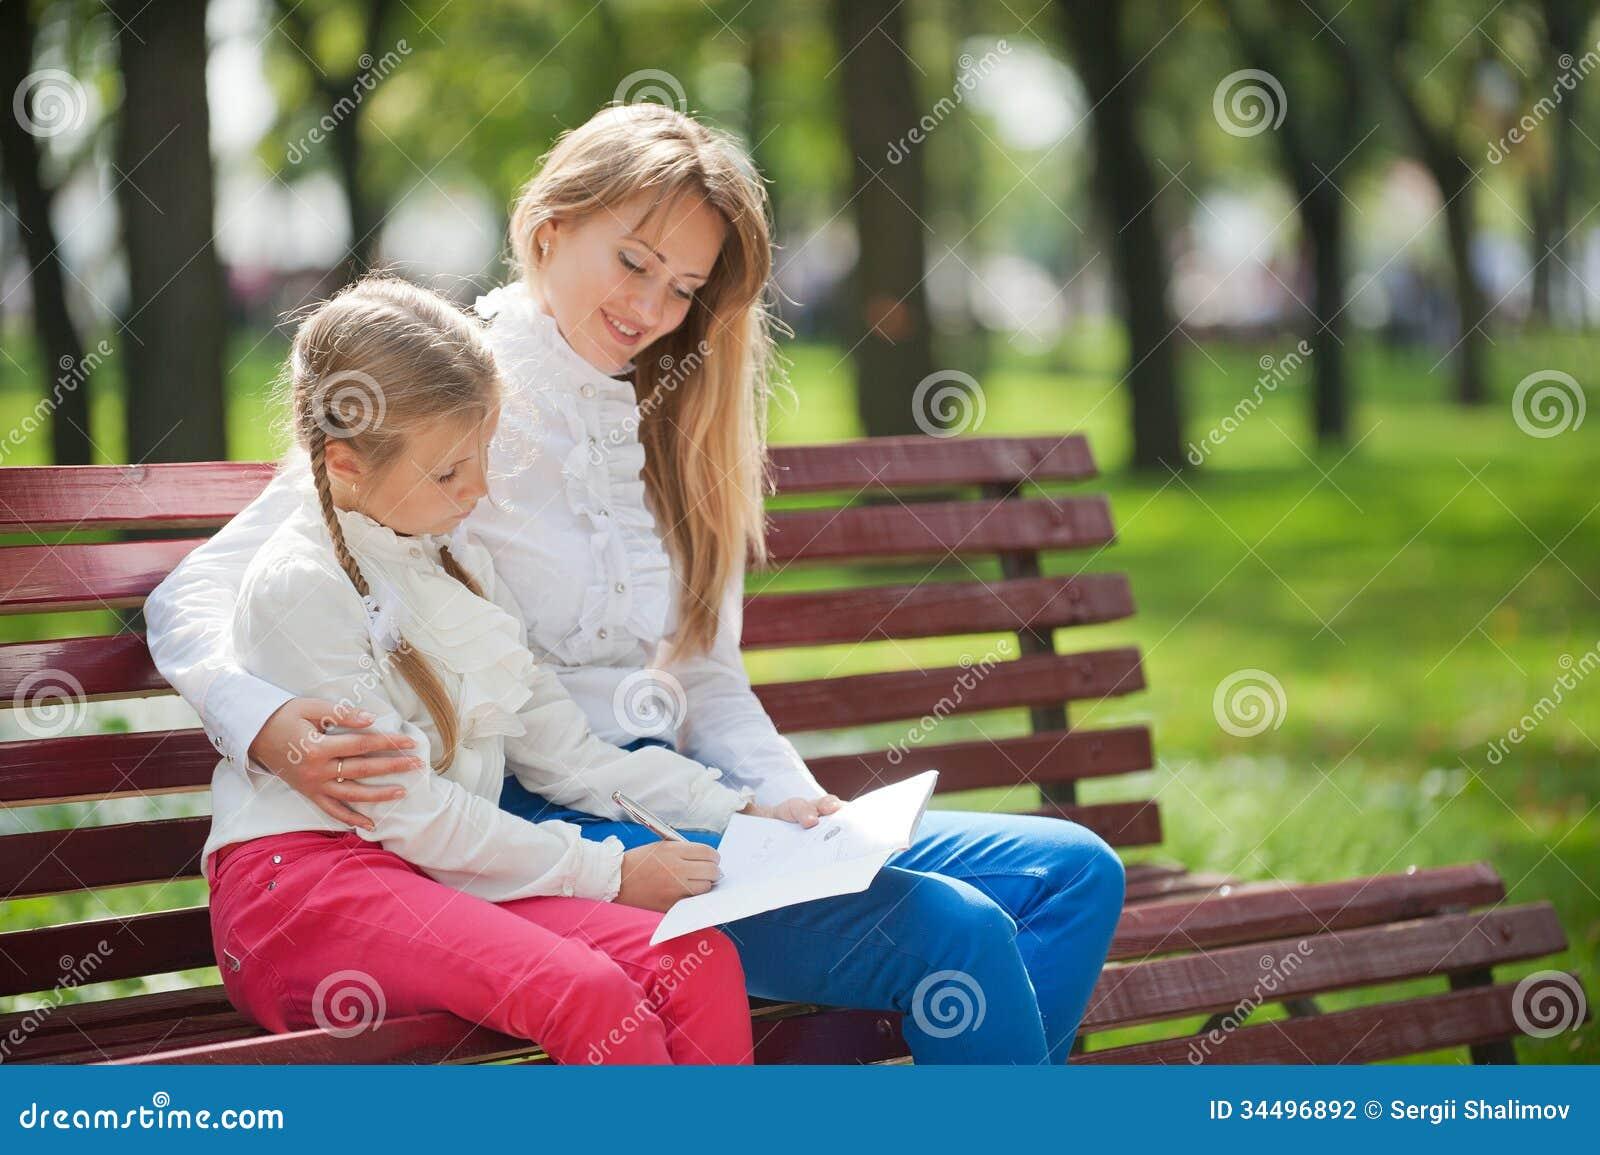 Maman et fille sur un banc de parc photographie stock for Blythe le jardin de maman